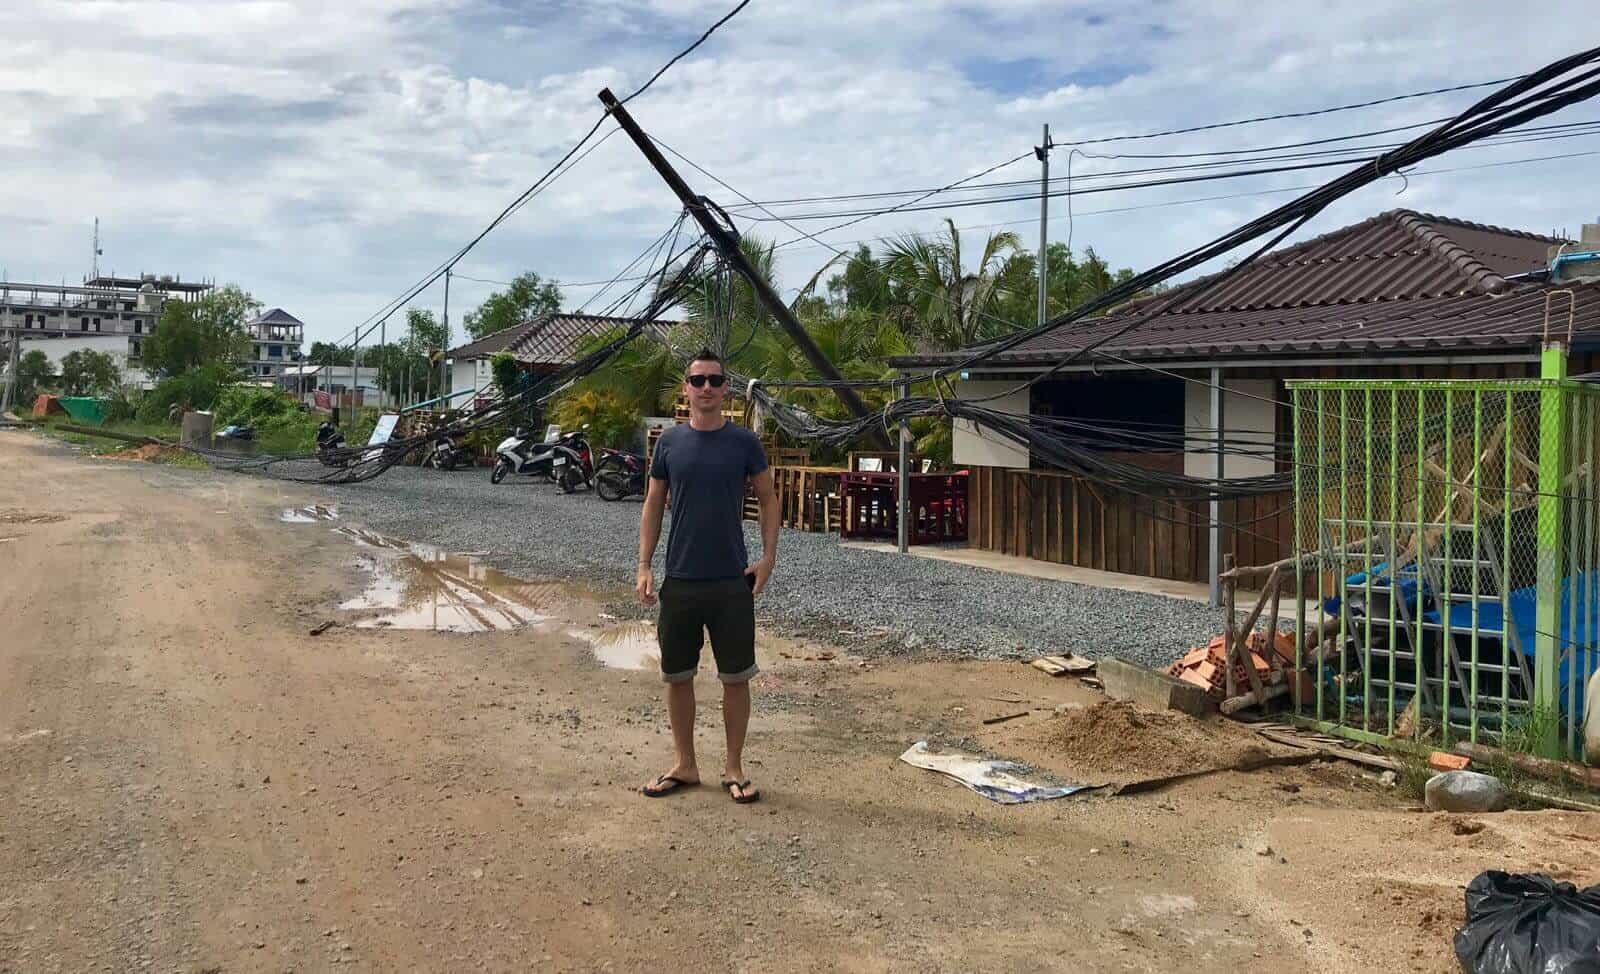 Otres Phil Sihanoukville Cambodia